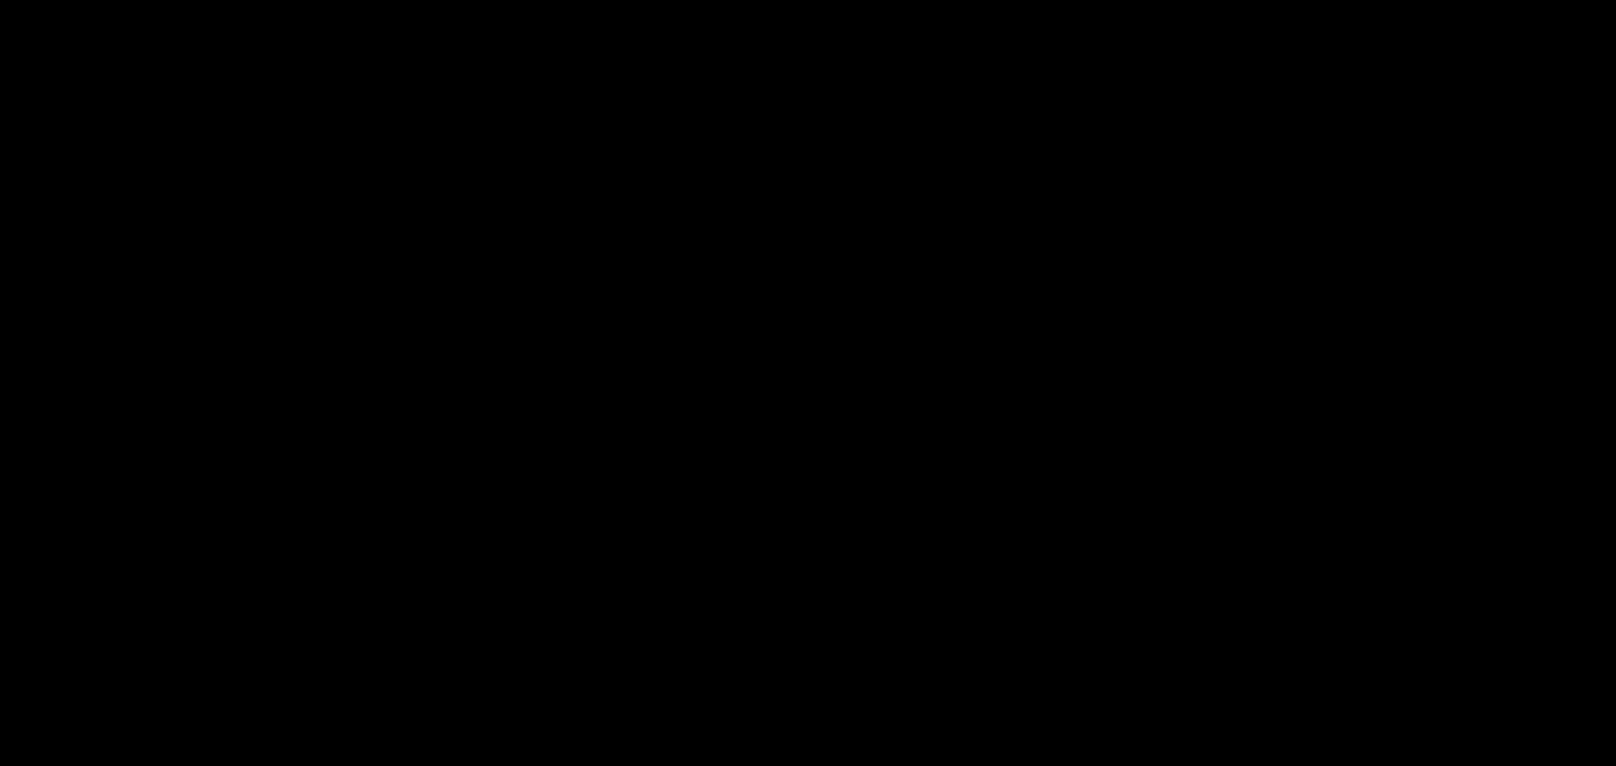 Nobiletin-d<sub>6</sub>